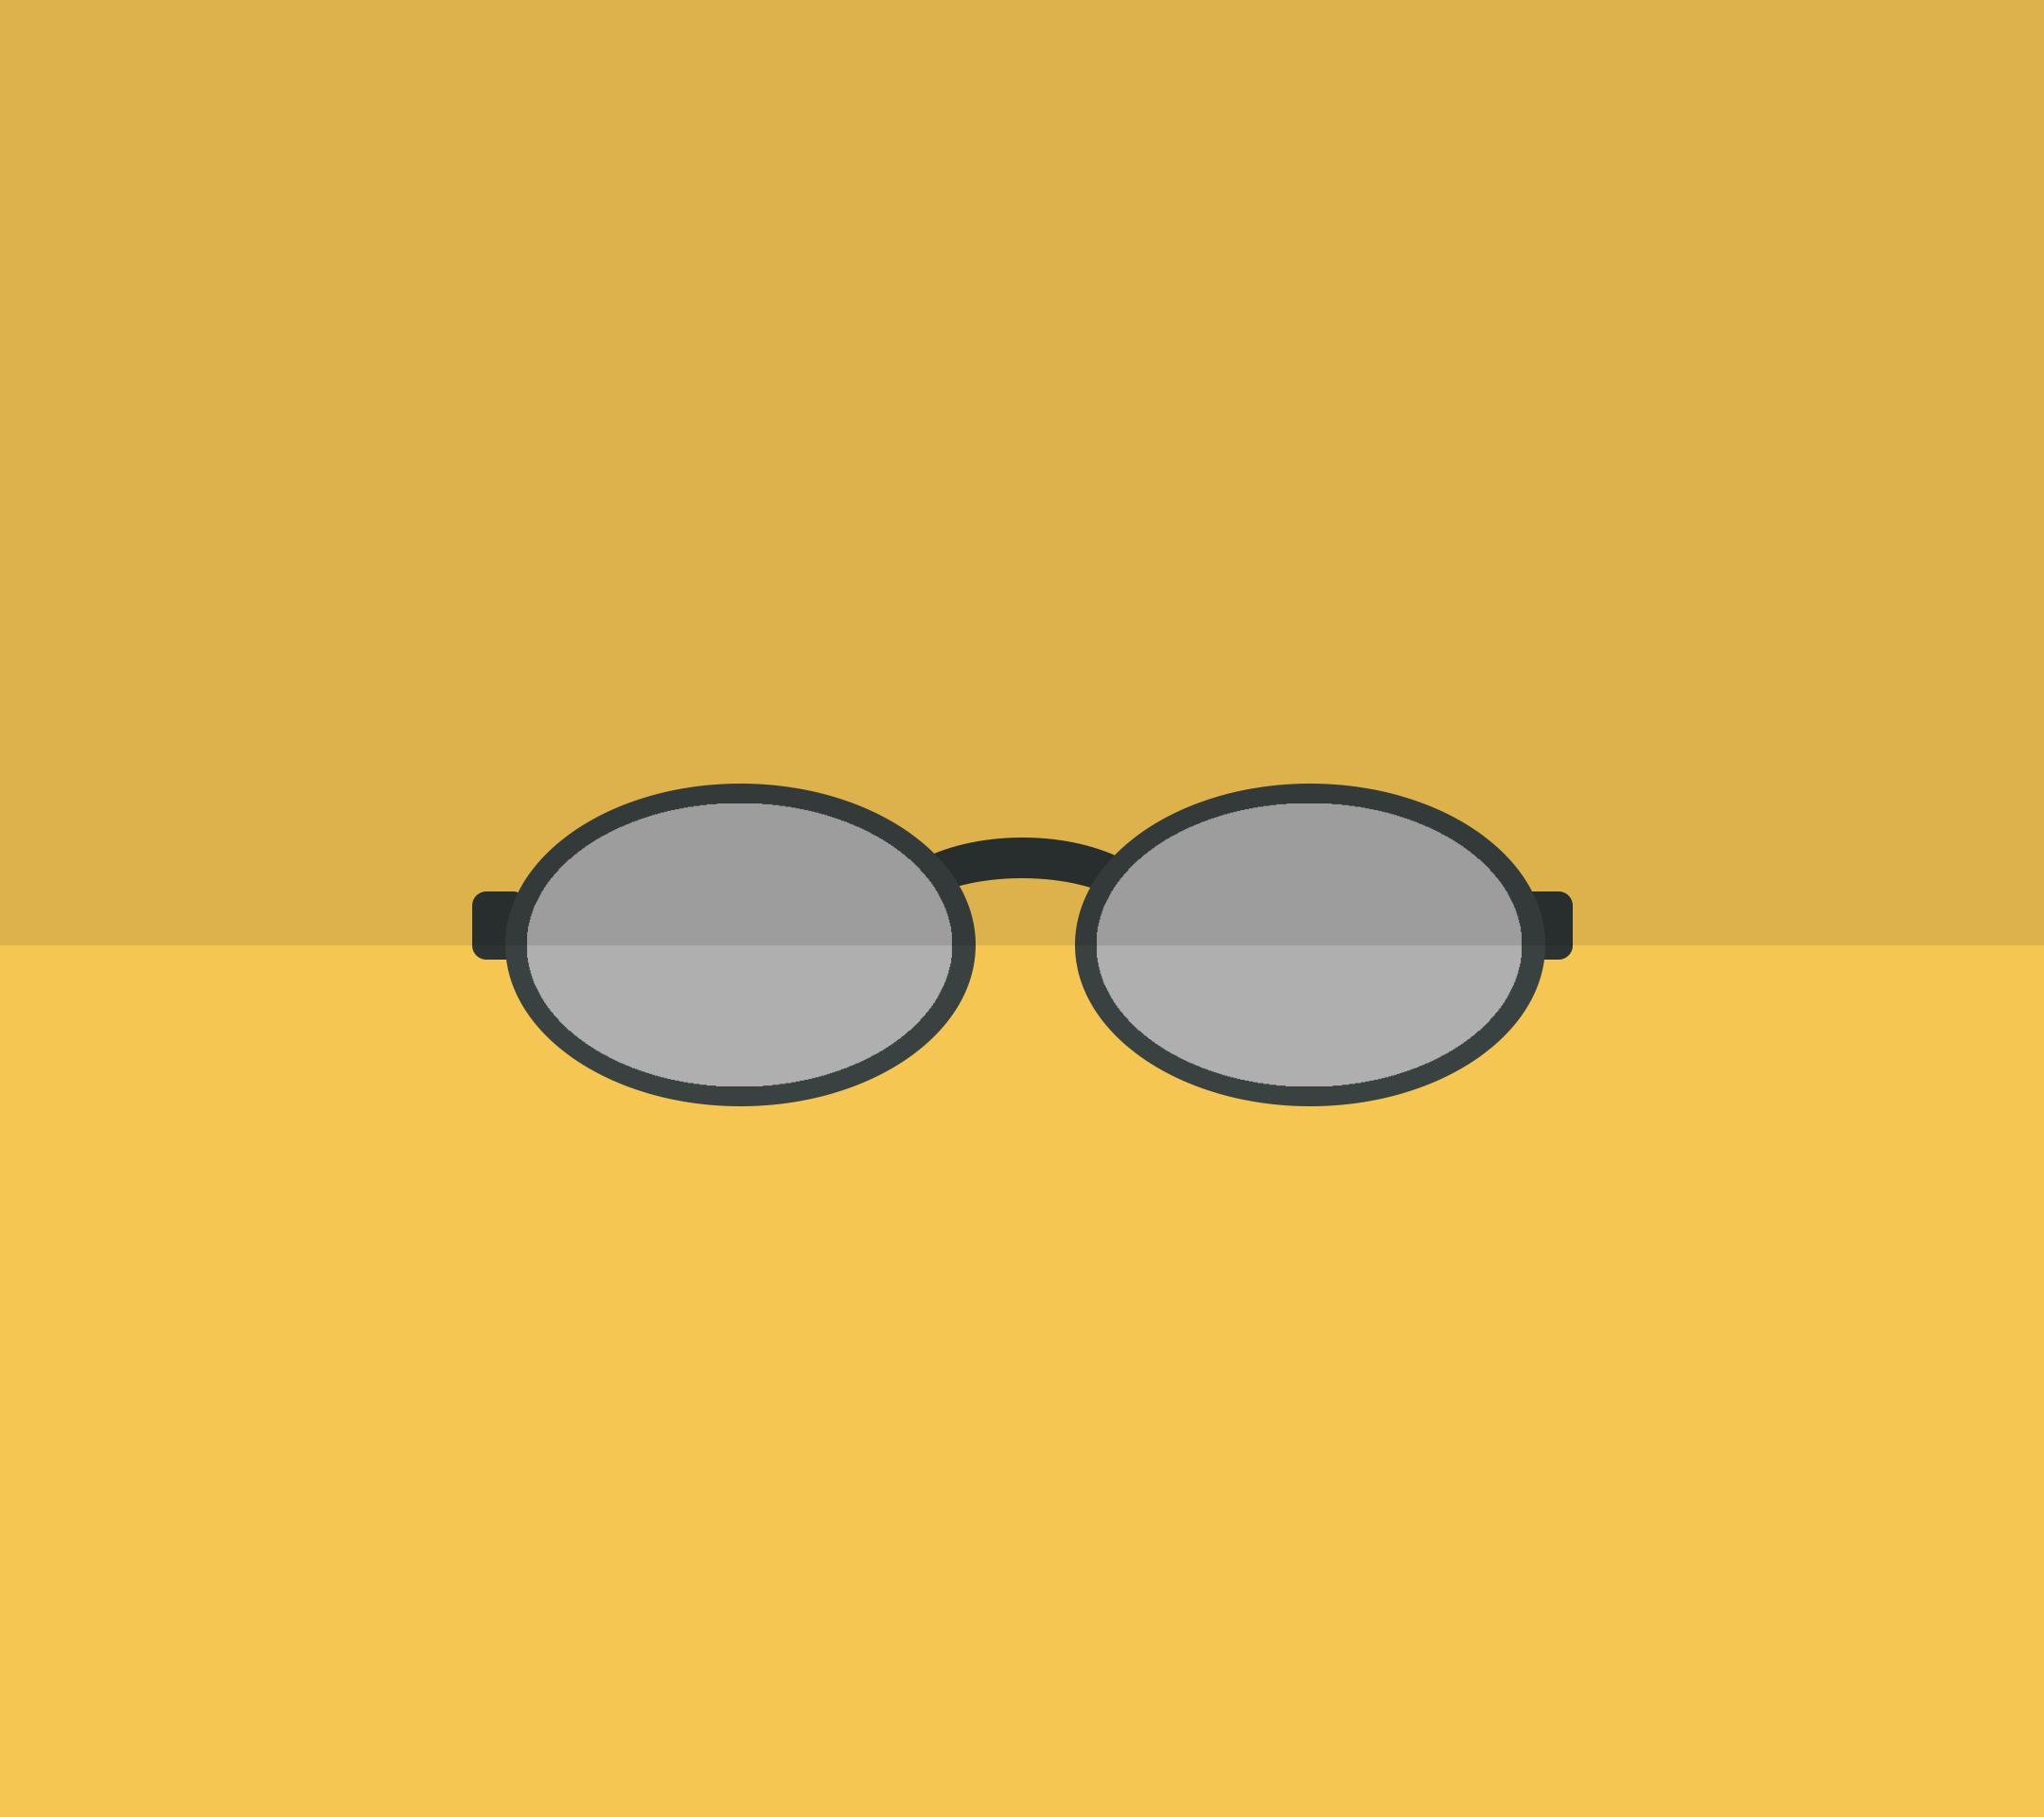 occhiali da sole, Sole, cristalli, Giallo, occhiali da vista - Sfondi HD - Professor-falken.com